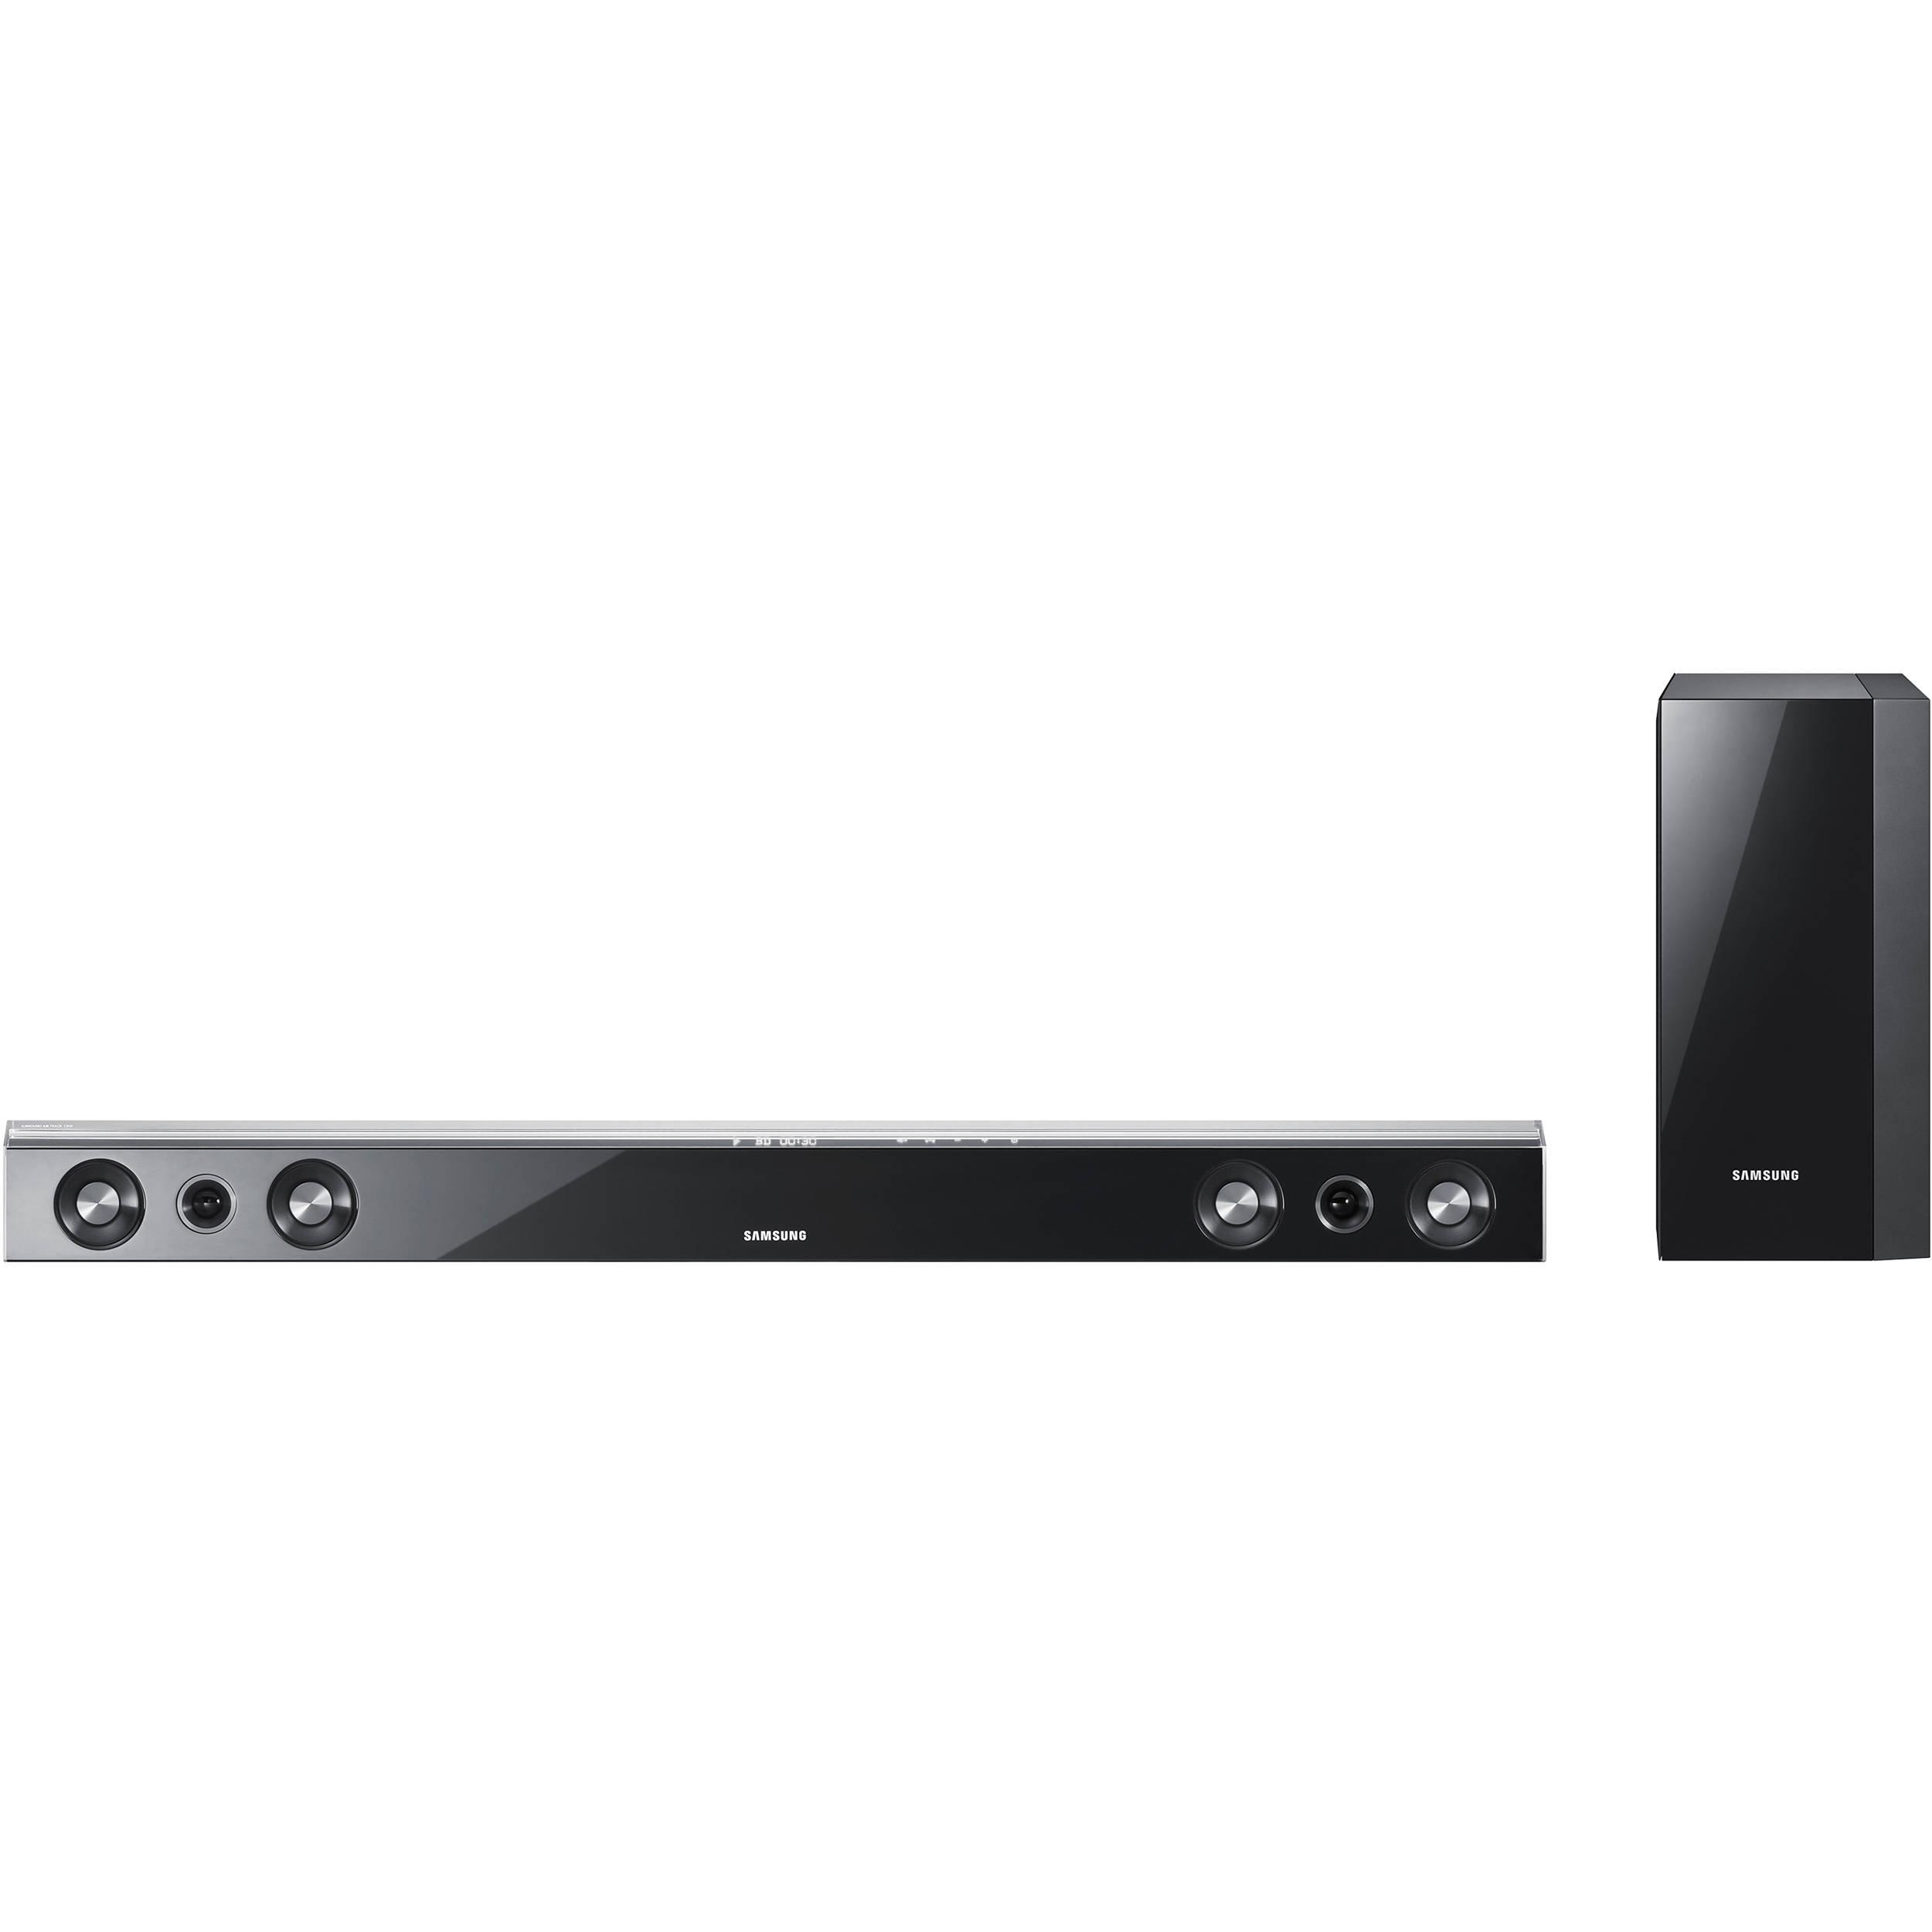 samsung hw c450 2 1 channel audiobar system black hw c450 b h. Black Bedroom Furniture Sets. Home Design Ideas